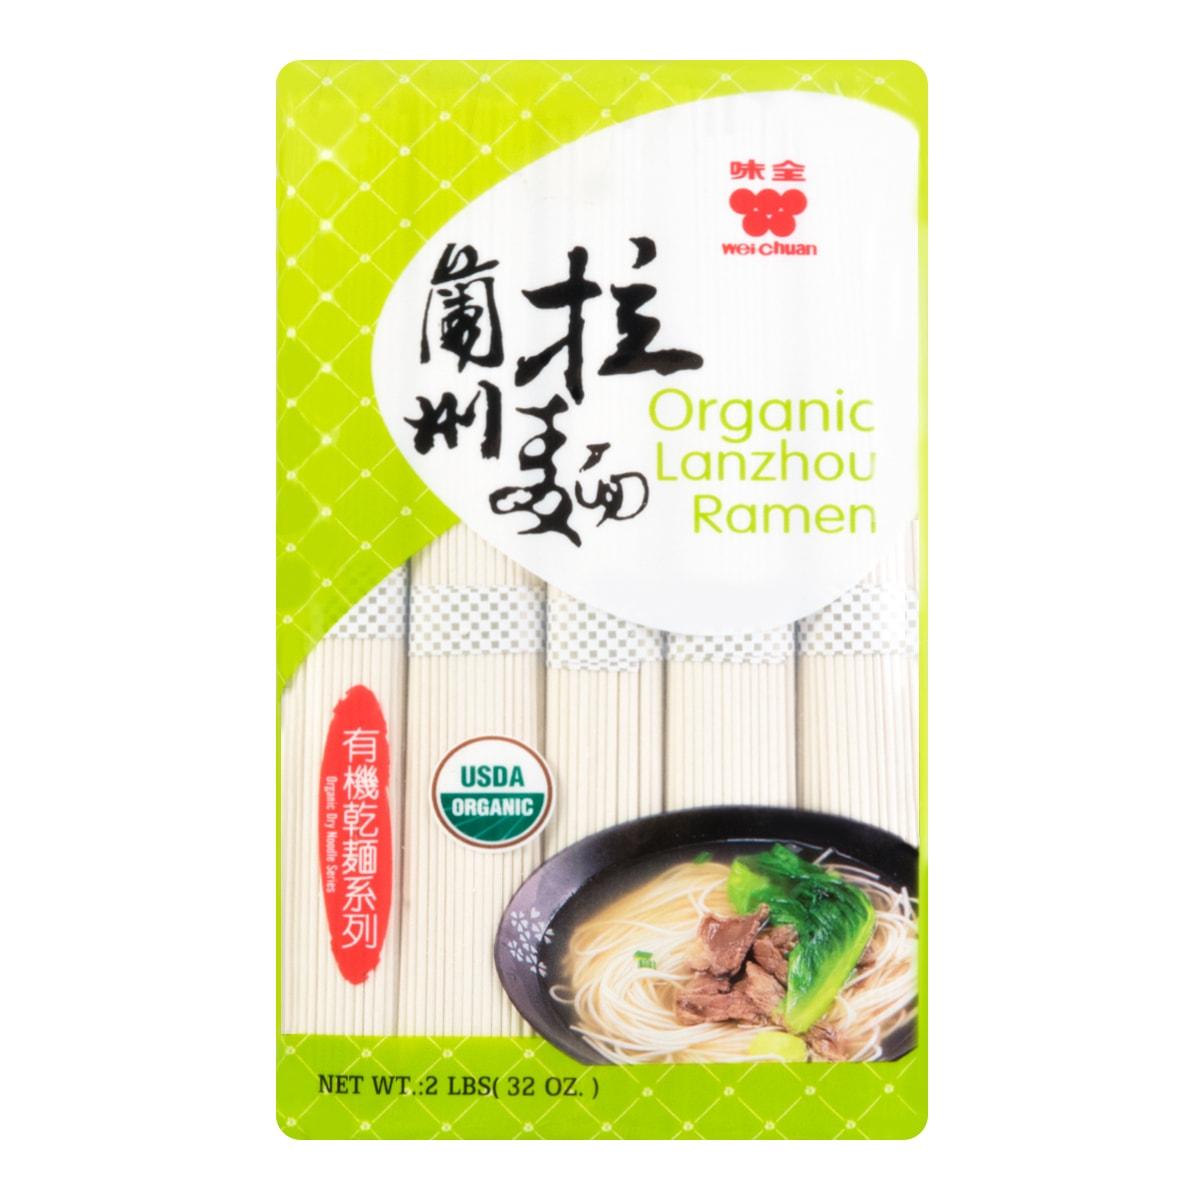 WEI CHUAN Organic Lanzhou Ramen 907g